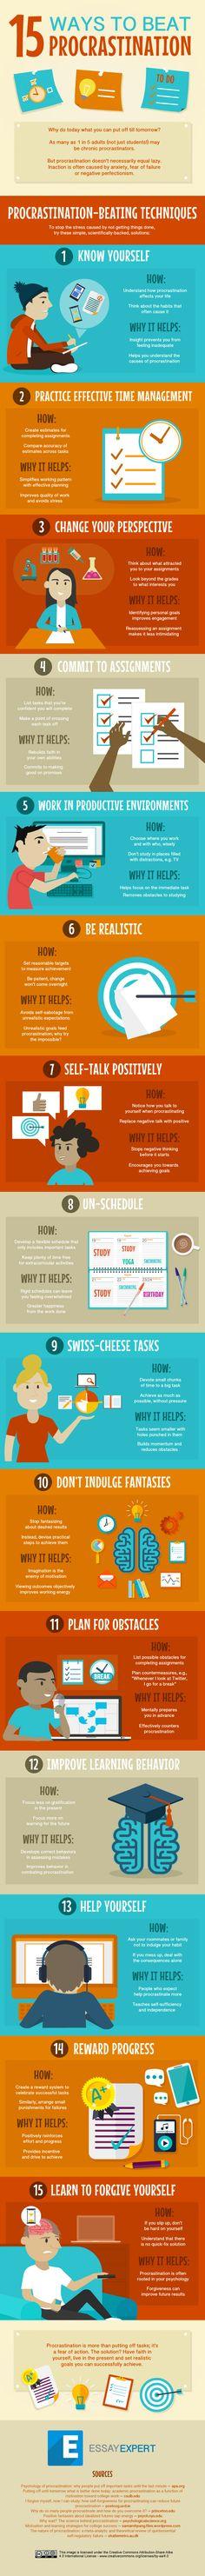 How to beat procrastination.